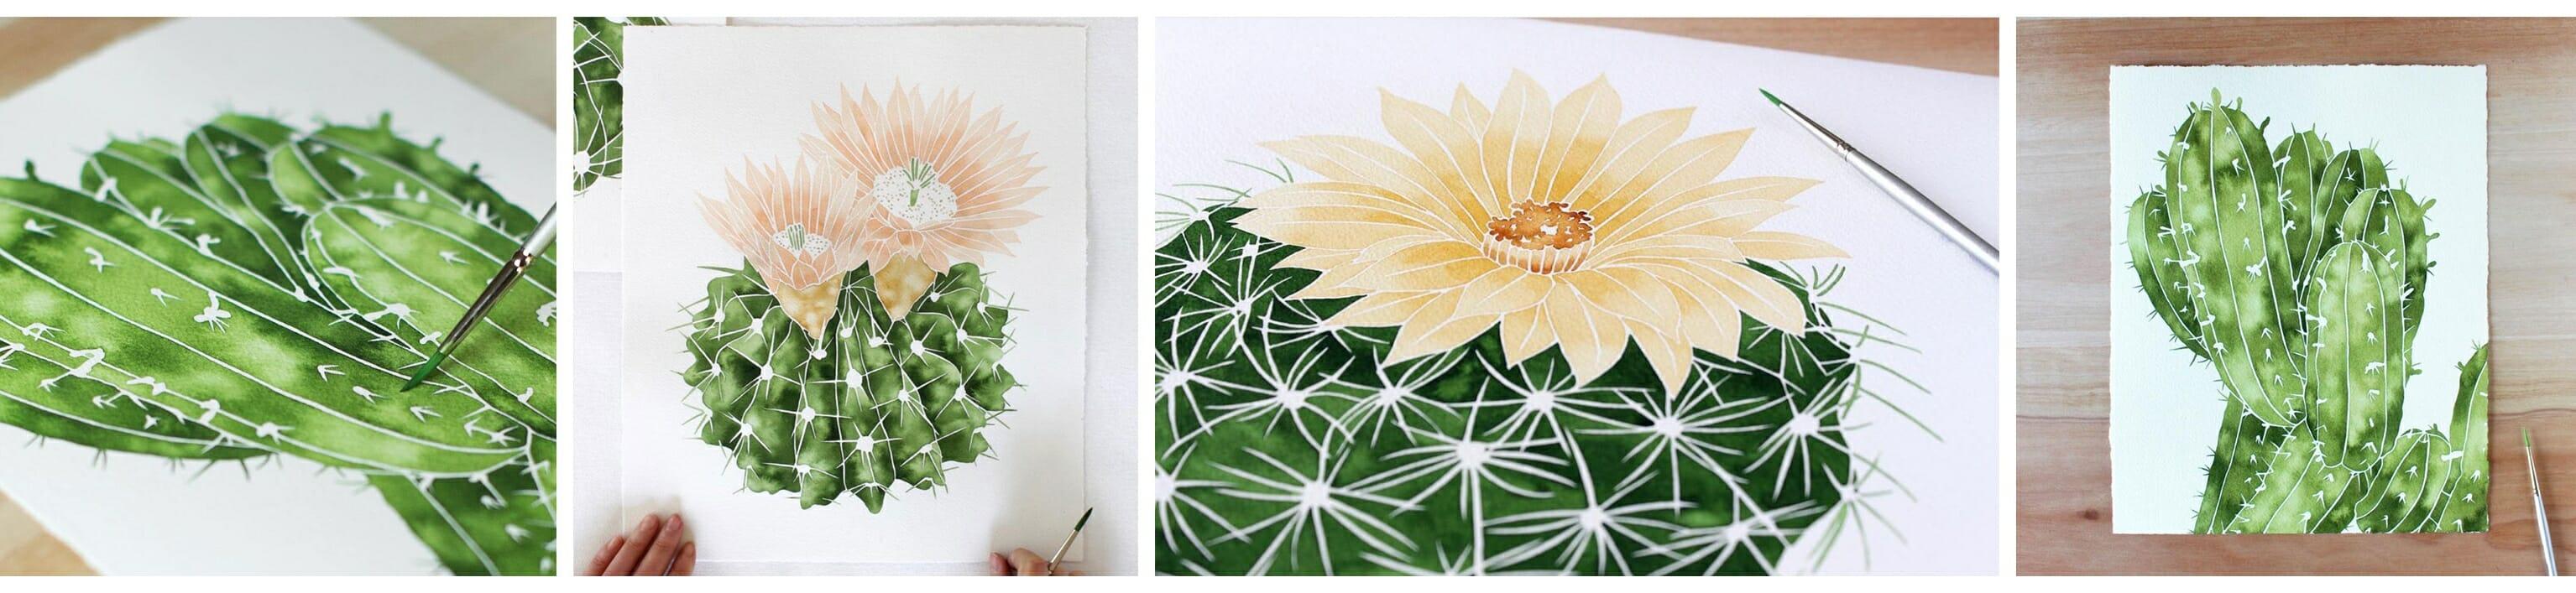 cactus-inline-copy